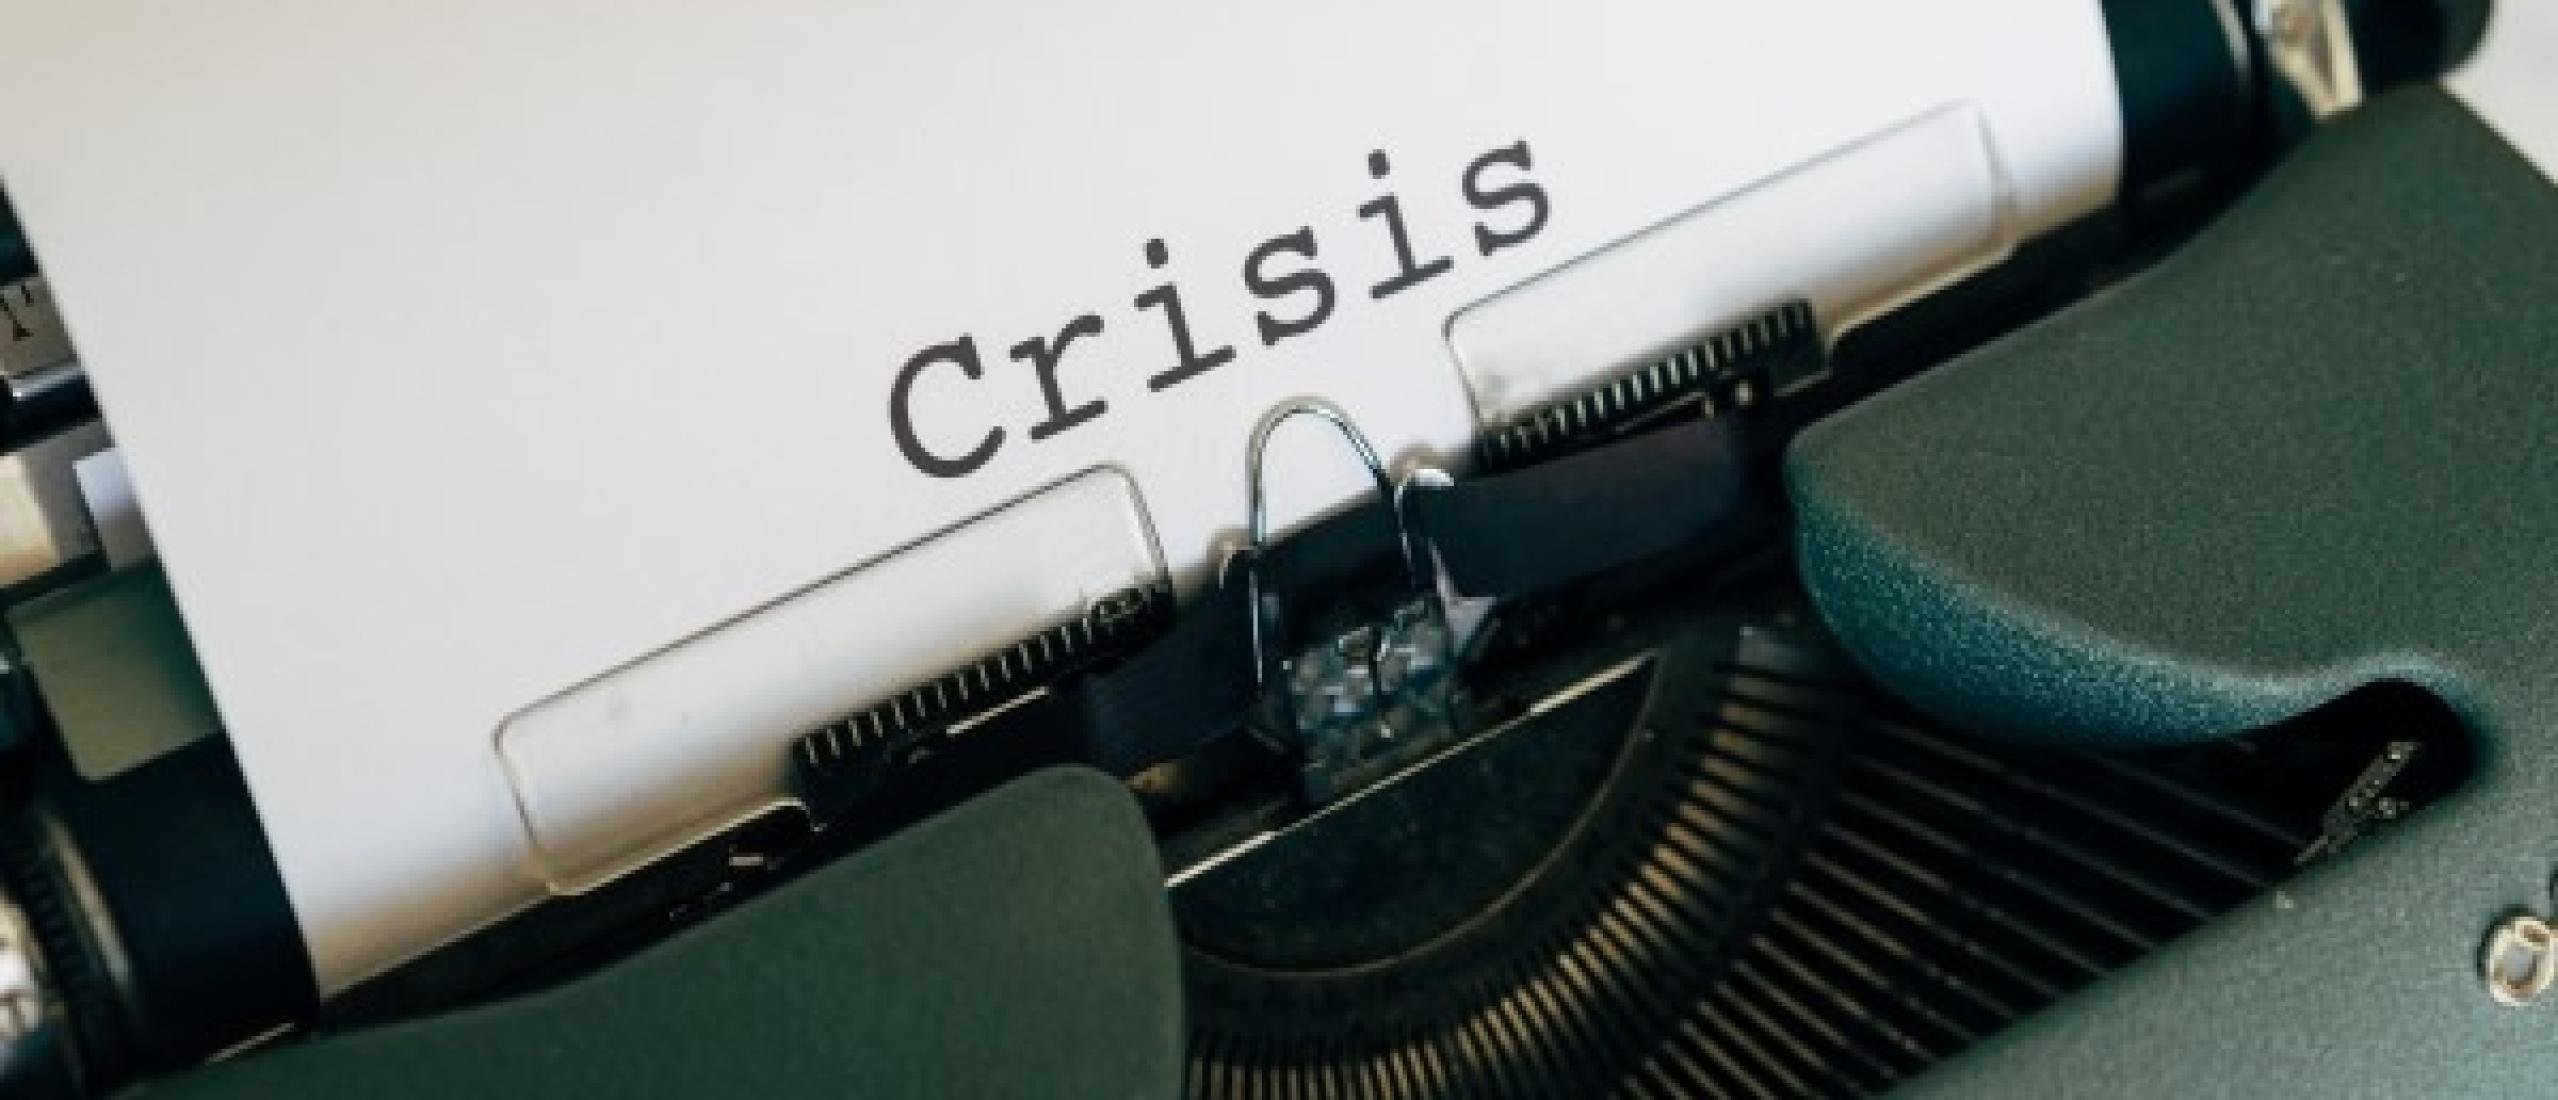 10 defensieve aandelen voor tijdens een crisis